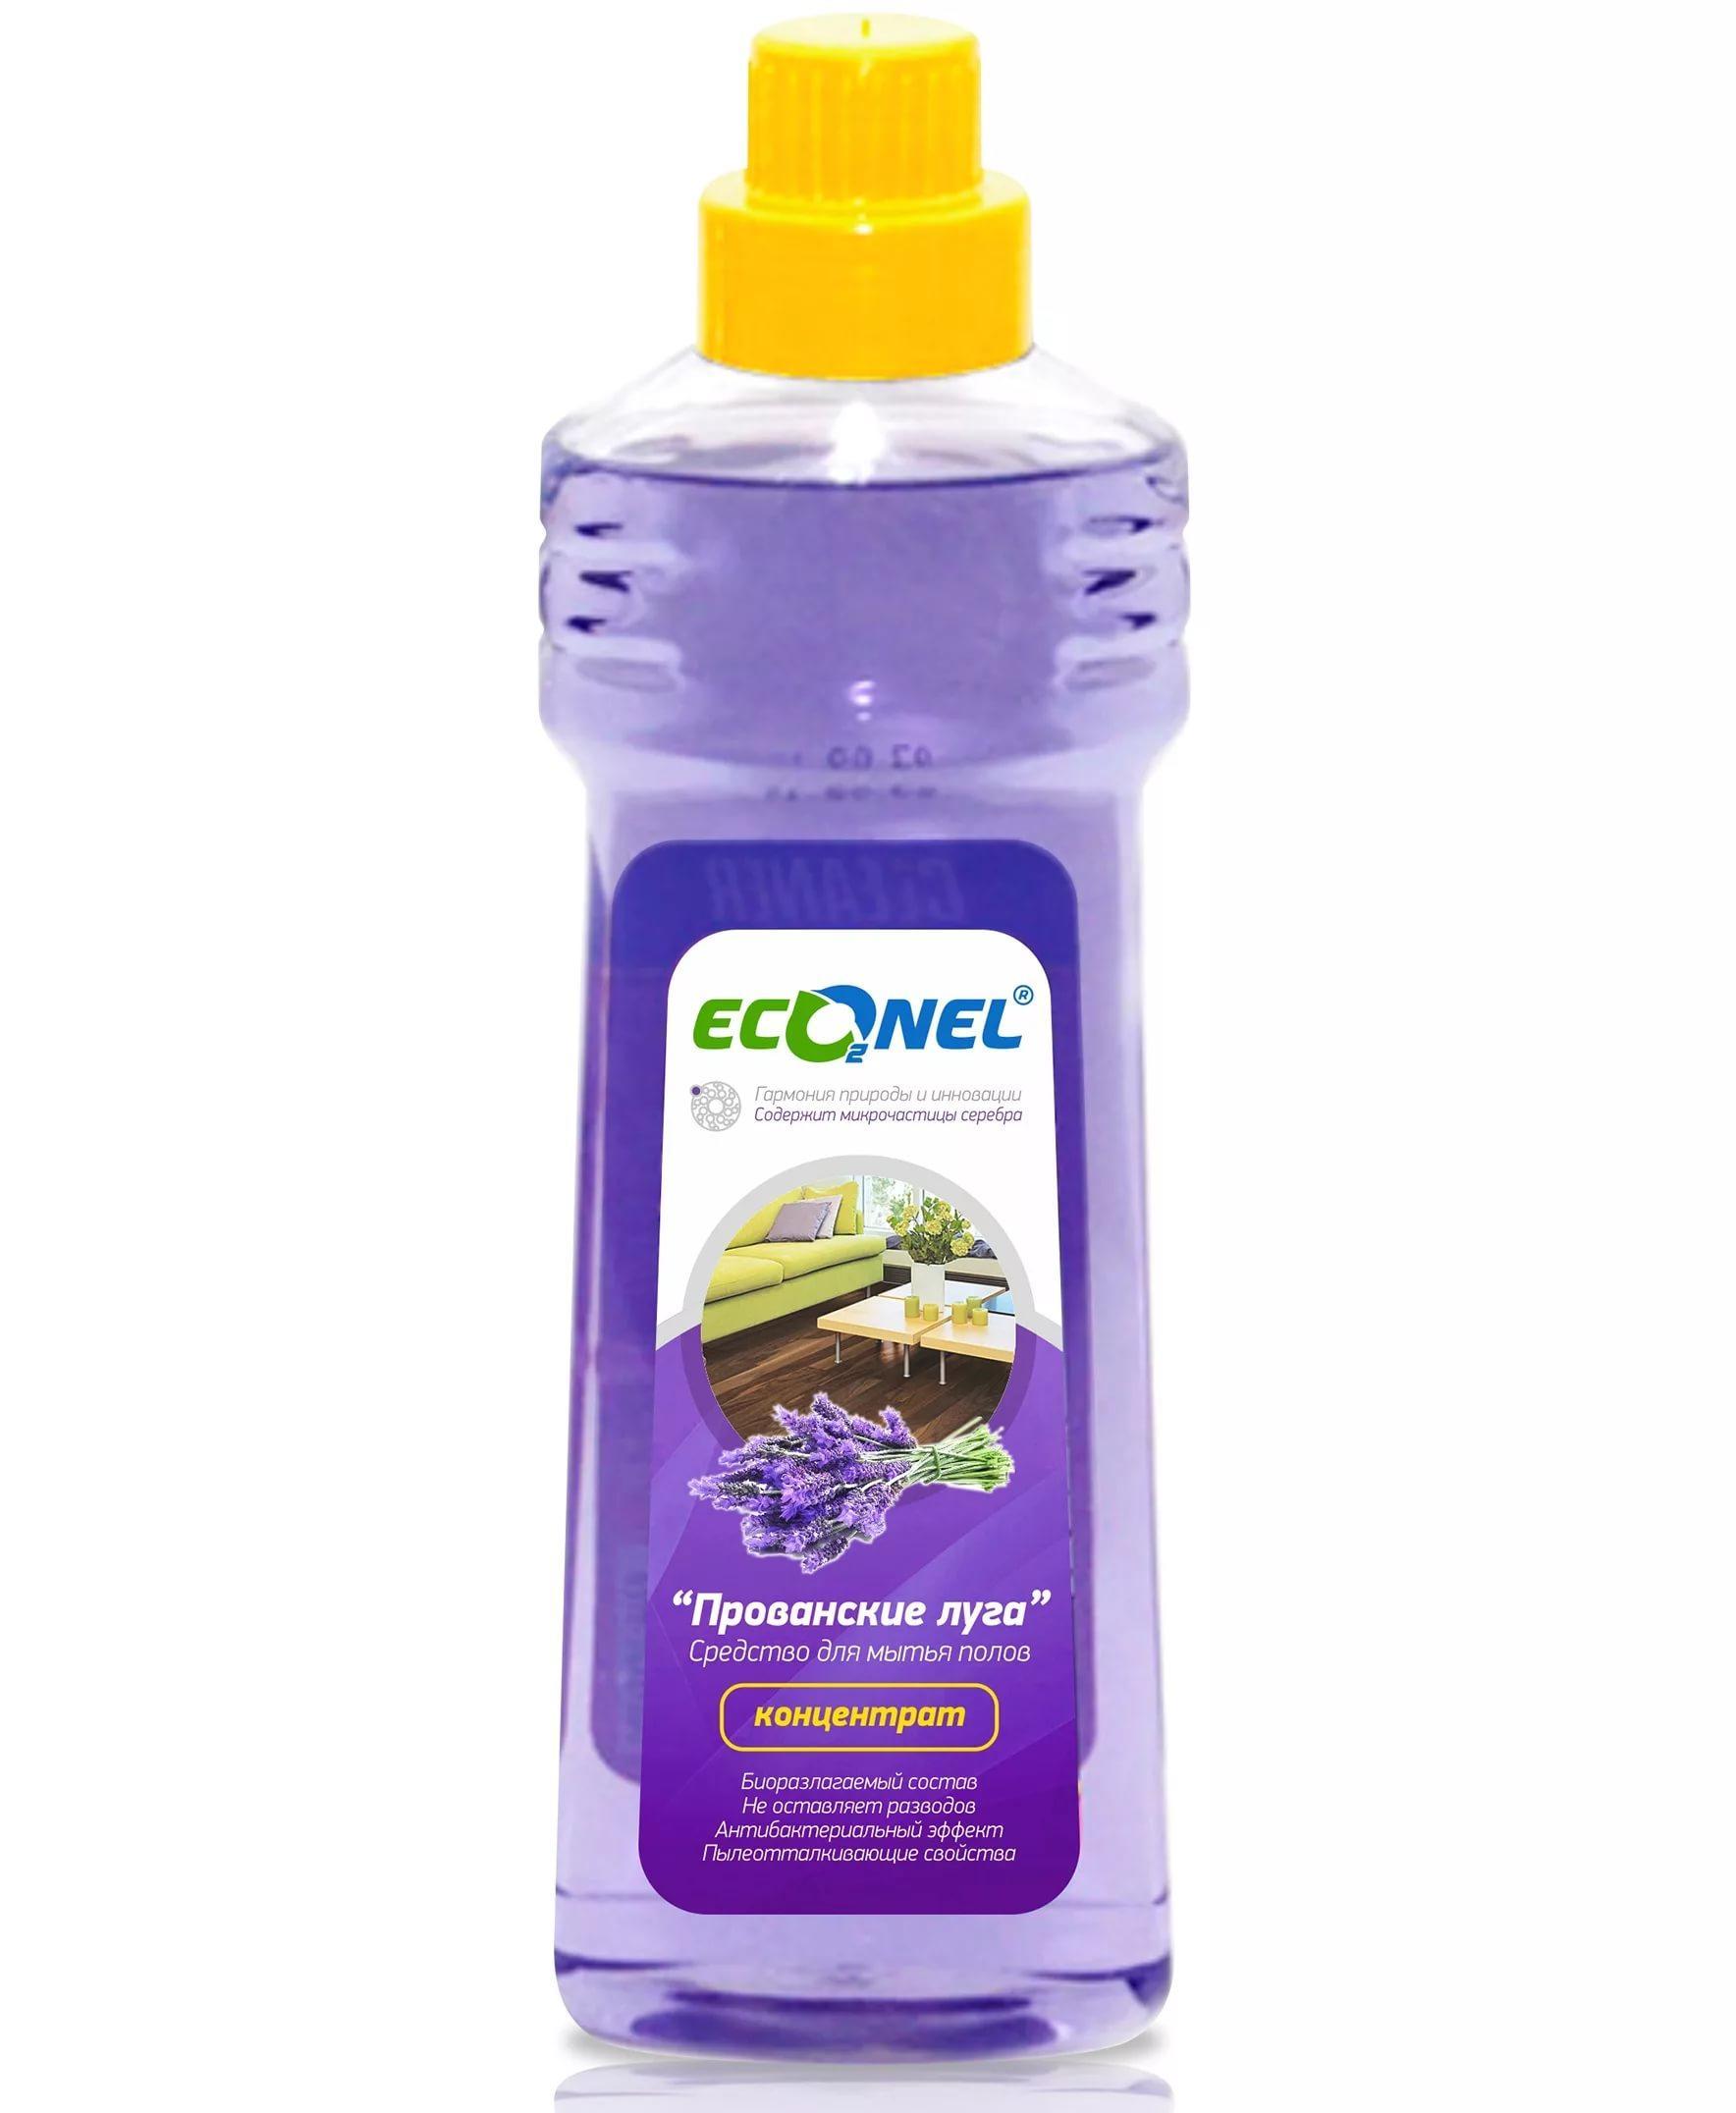 Средство для мытья пола Econel Прованские луга